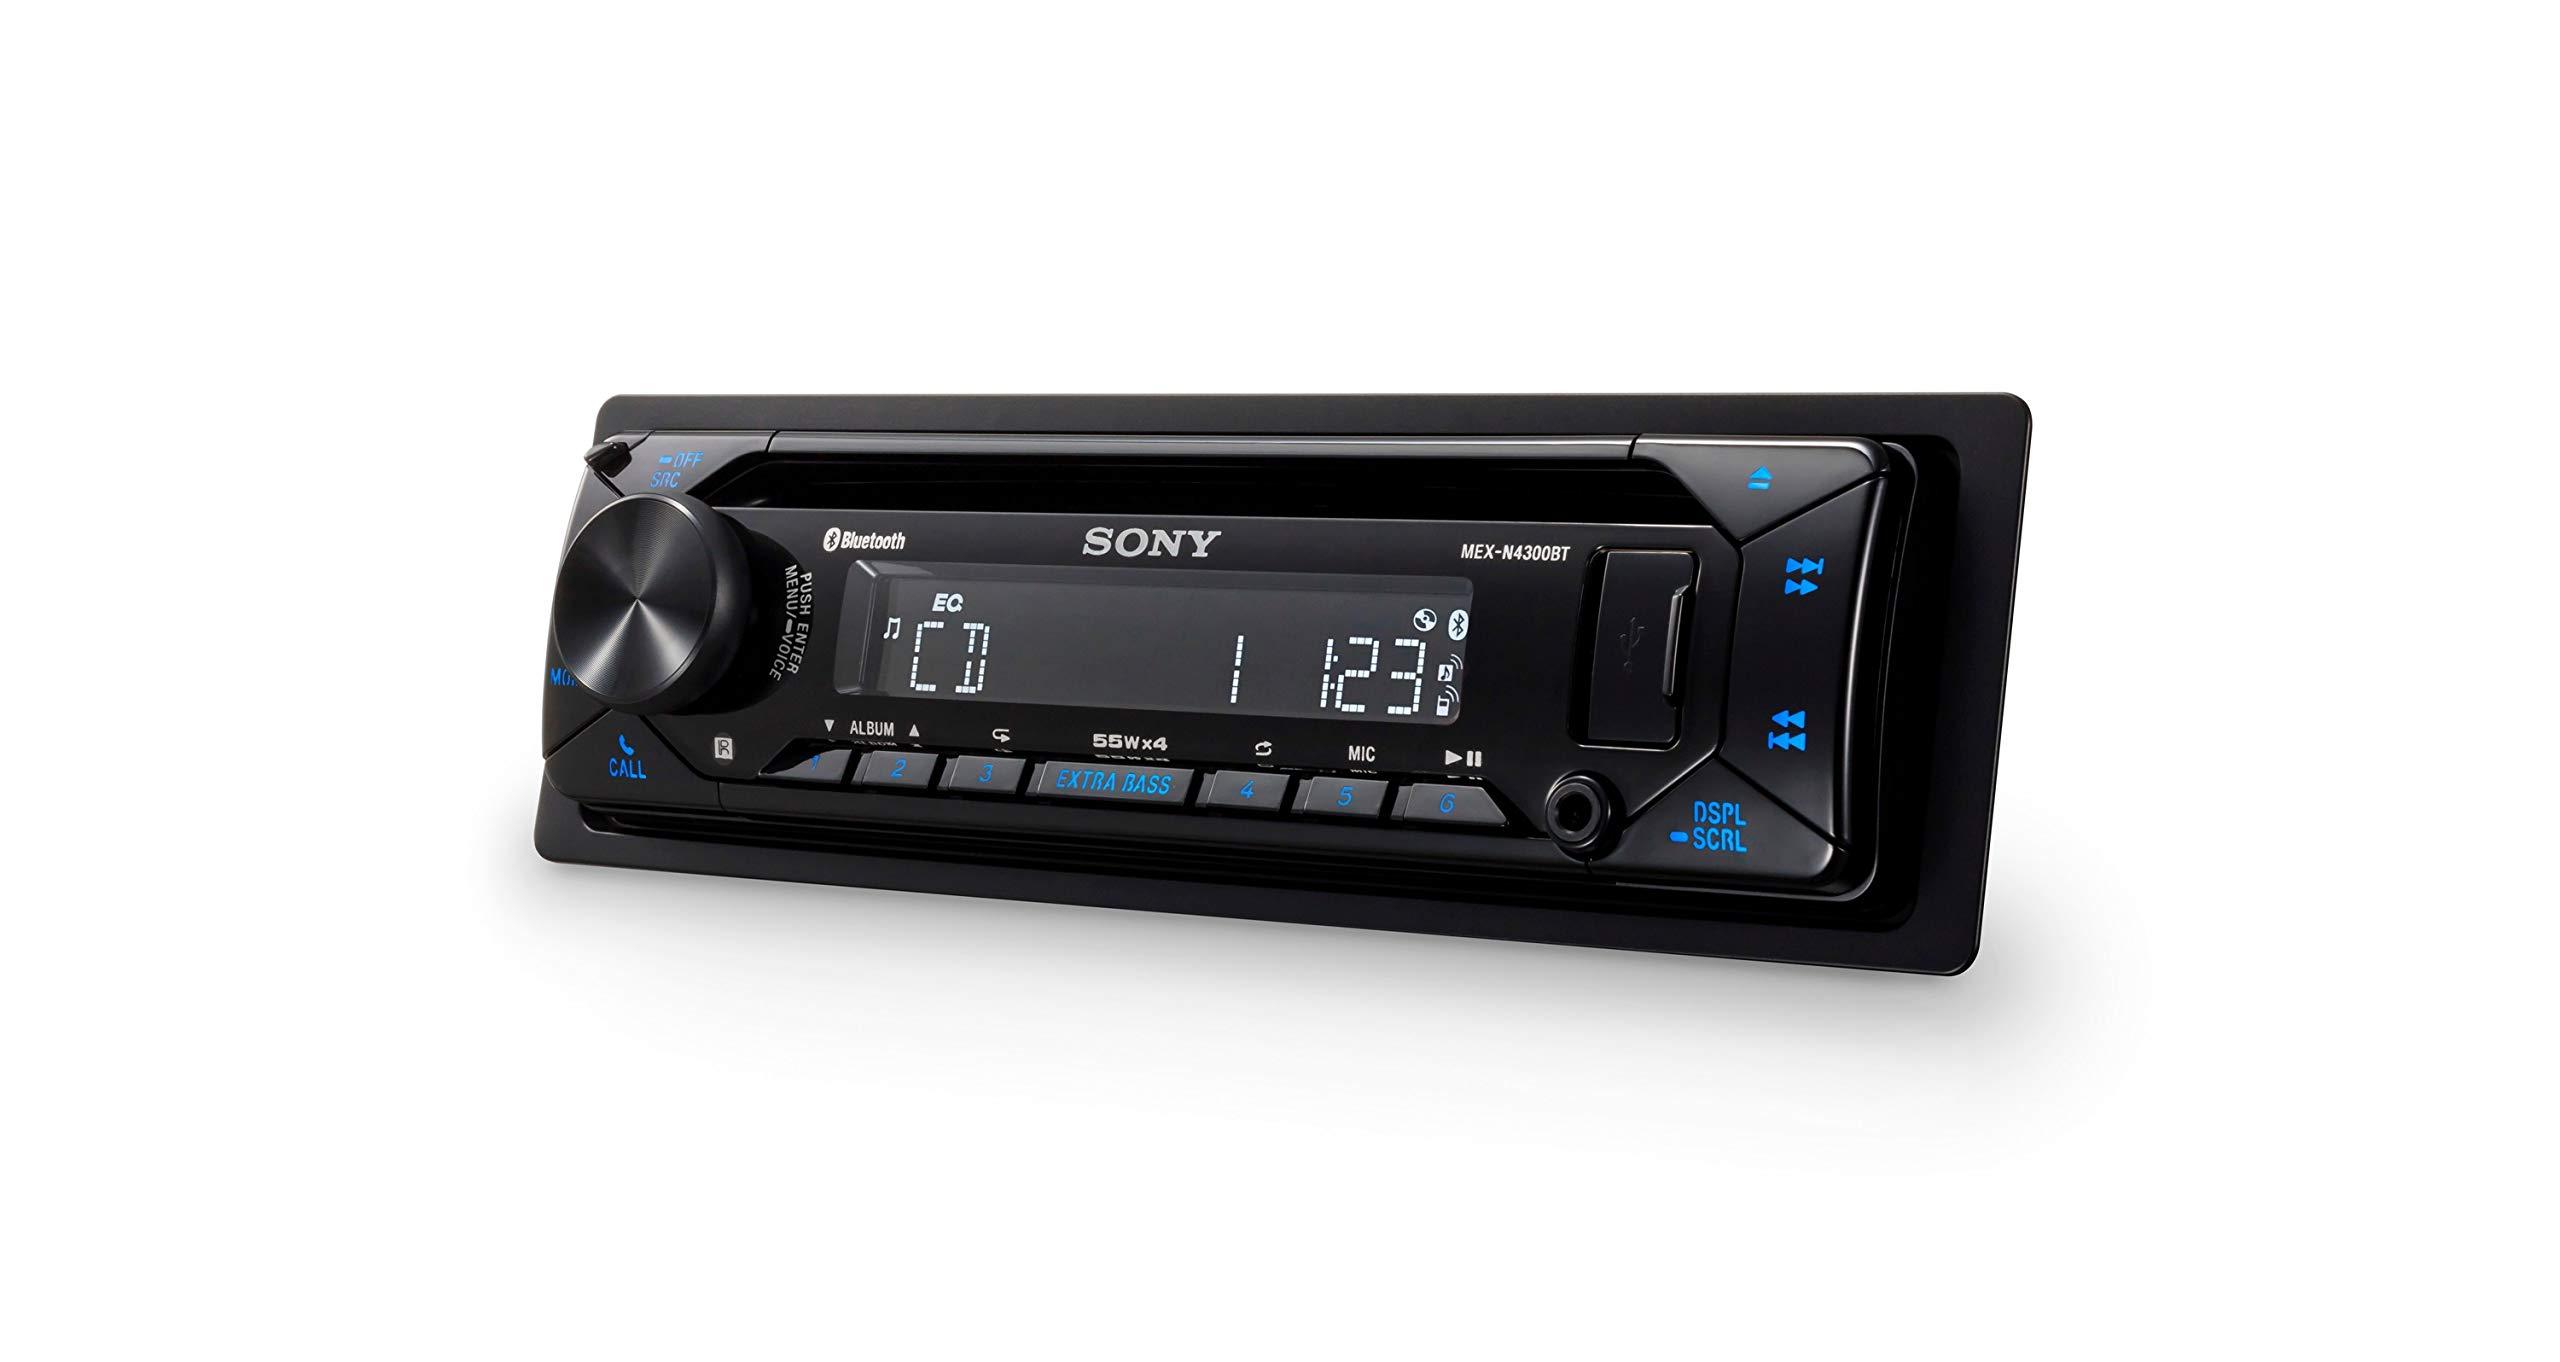 Sony-MEX-N4300BT-Autoradio-mit-CD-Dual-Bluetooth-USB-und-AUX-Anschluss-Freisprechen-4-x55-Watt-blau